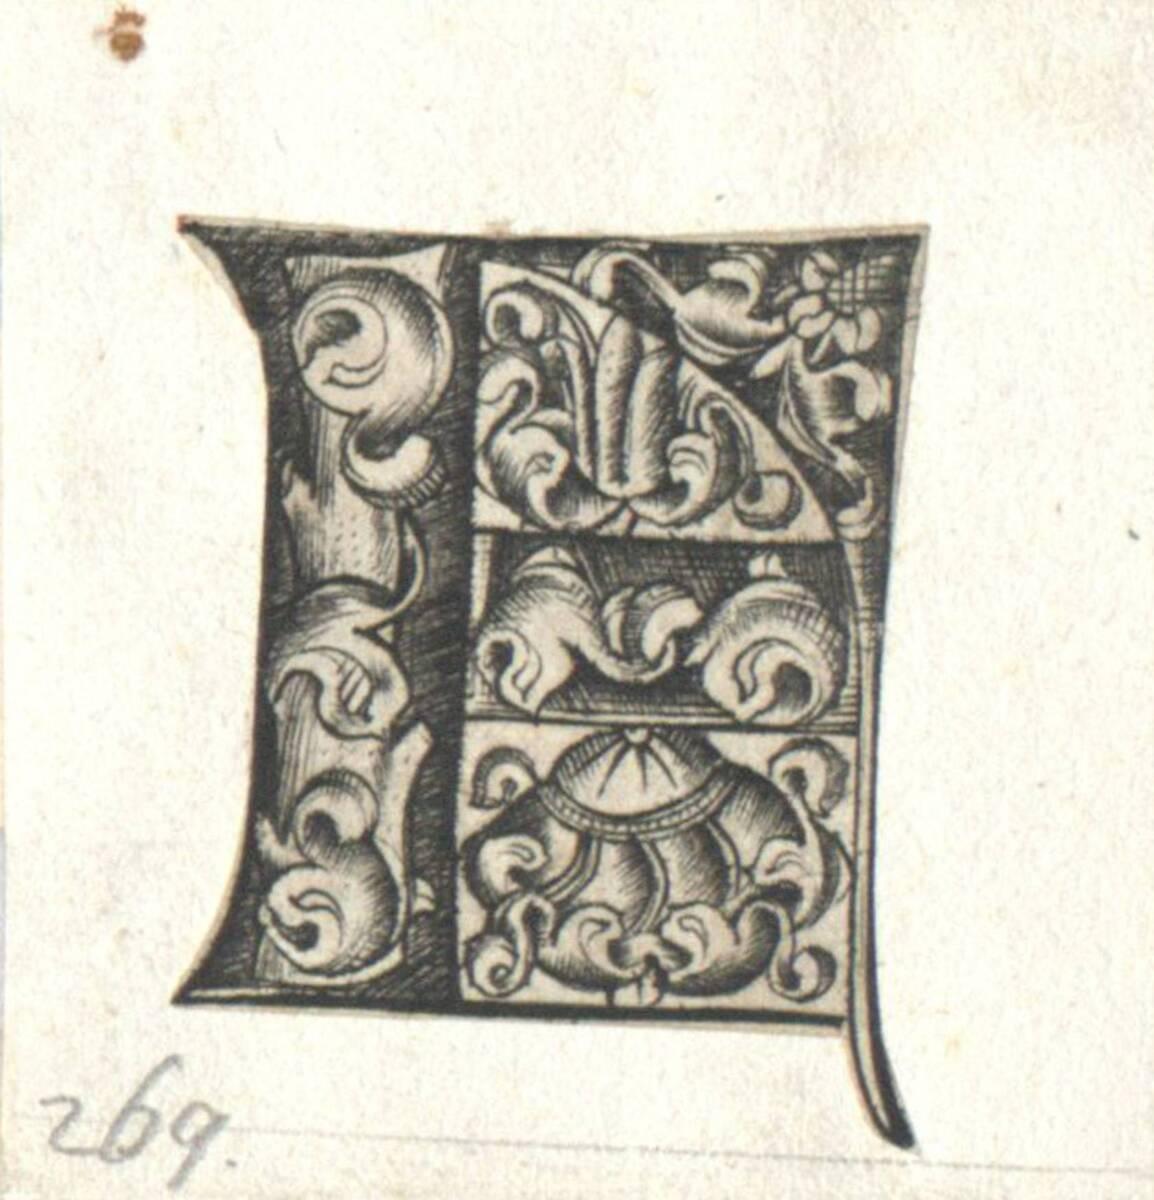 Der Buchstabe F eines gotischen Alphabetes in der Art des I. van Meckenem, c. 1480, ausgeschnitten (vom Bearbeiter vergebener Titel) von Anonym